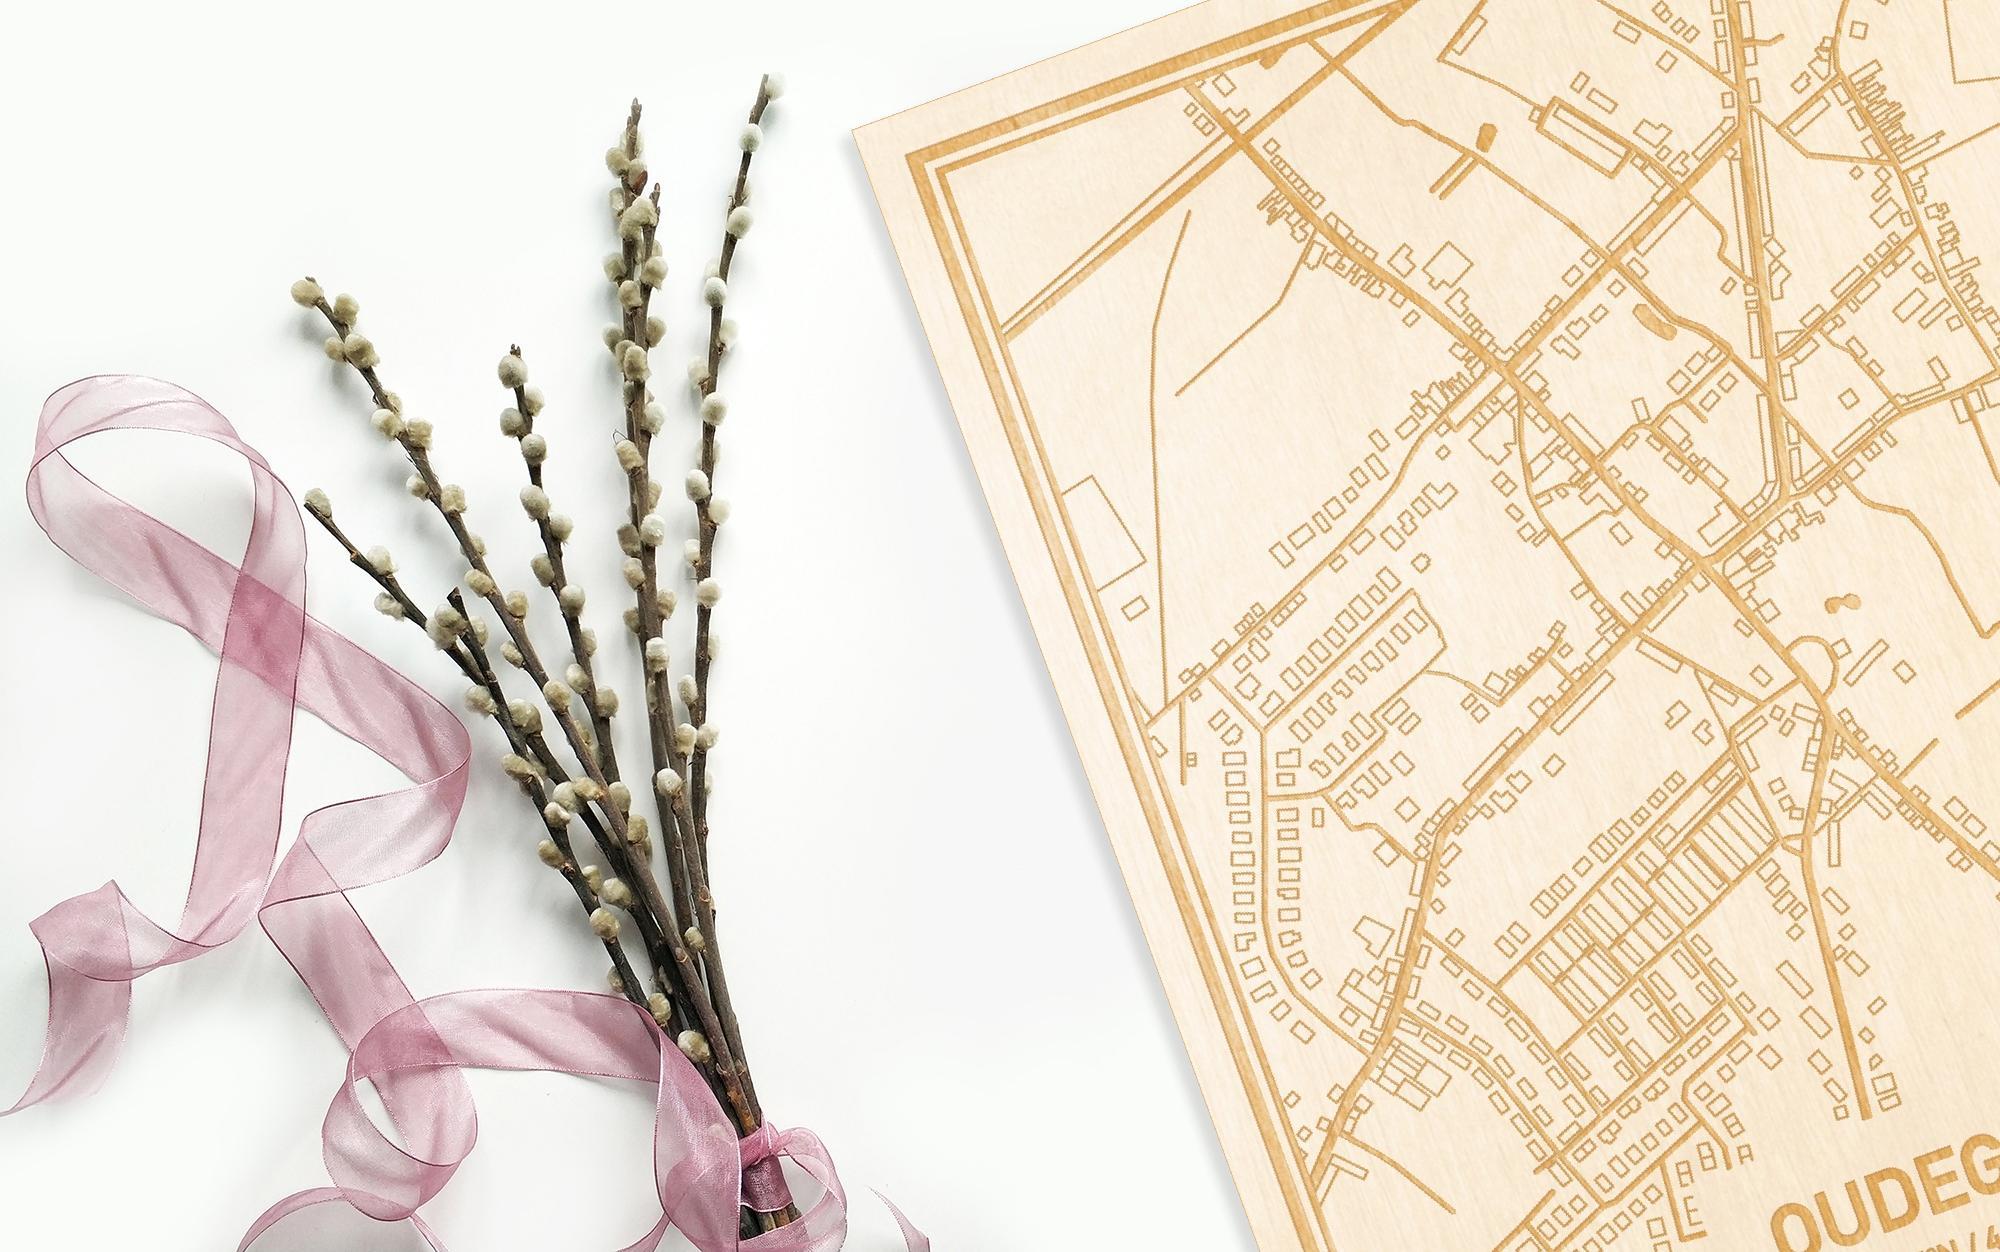 Hier ligt de houten plattegrond Oudegem naast een bloemetje als gepersonaliseerd cadeau voor haar.